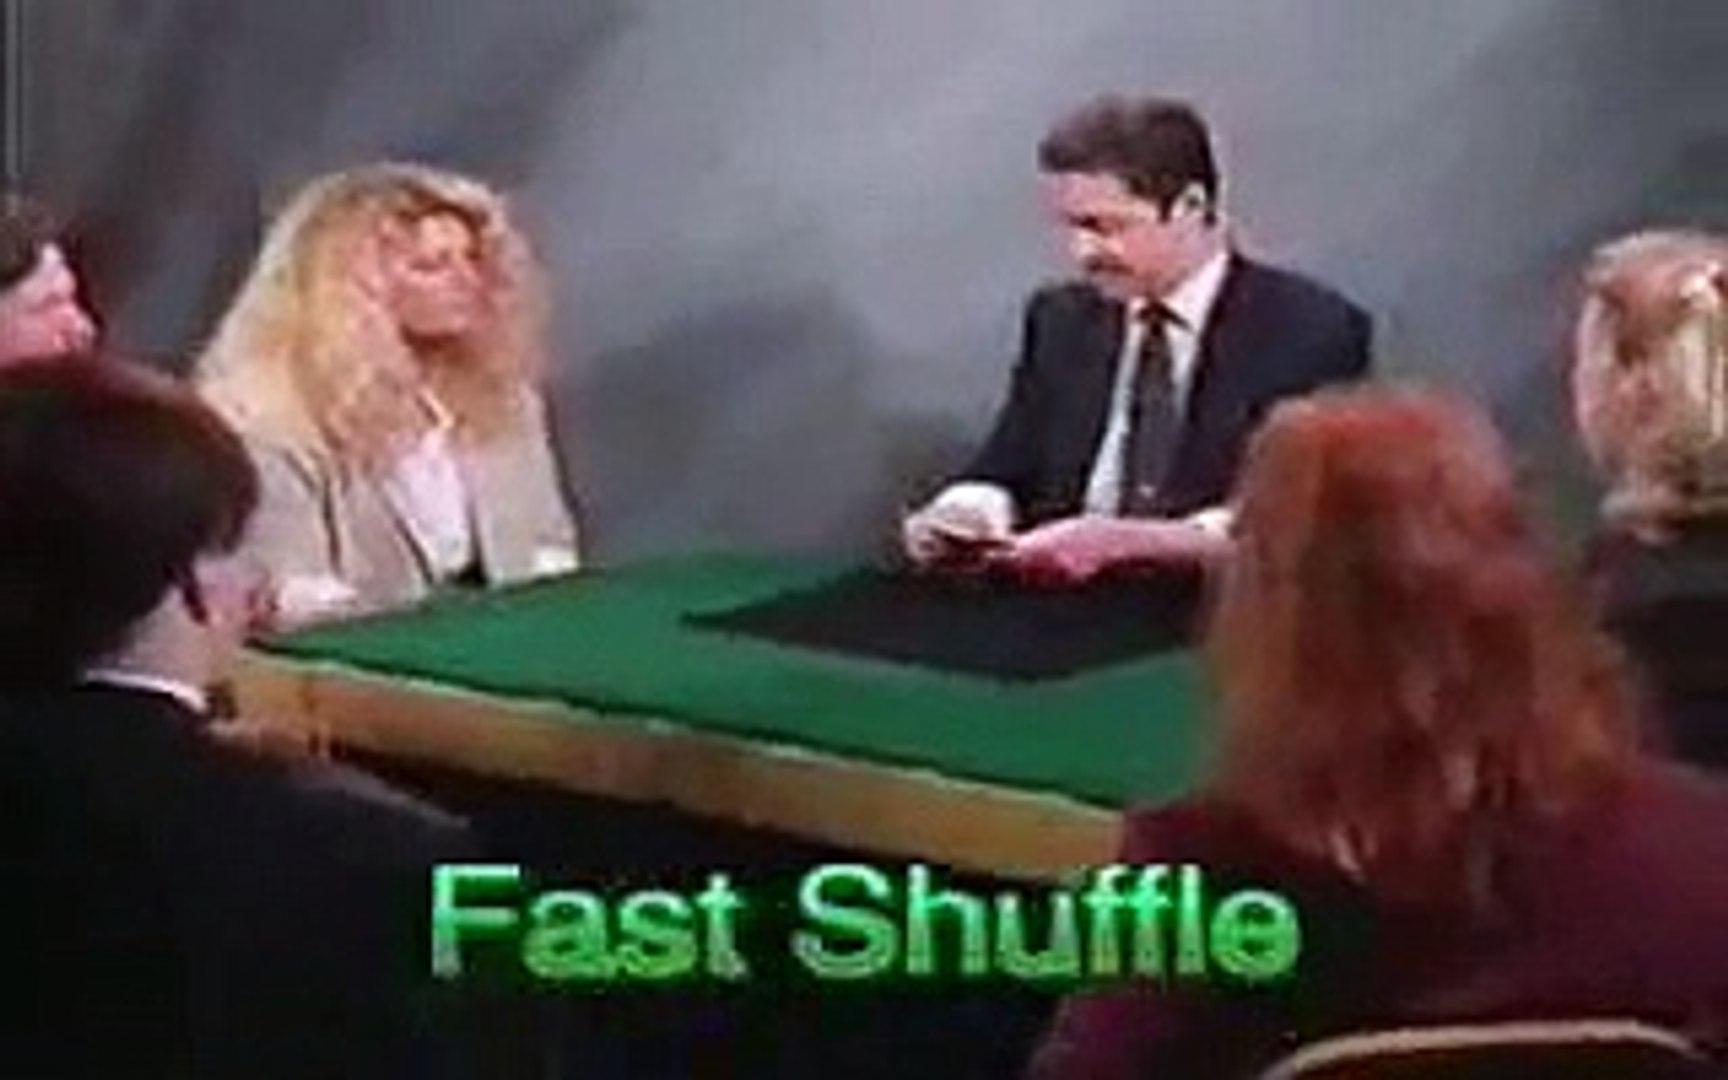 Darwin Ortiz Stacking the deck (fast shuffle)